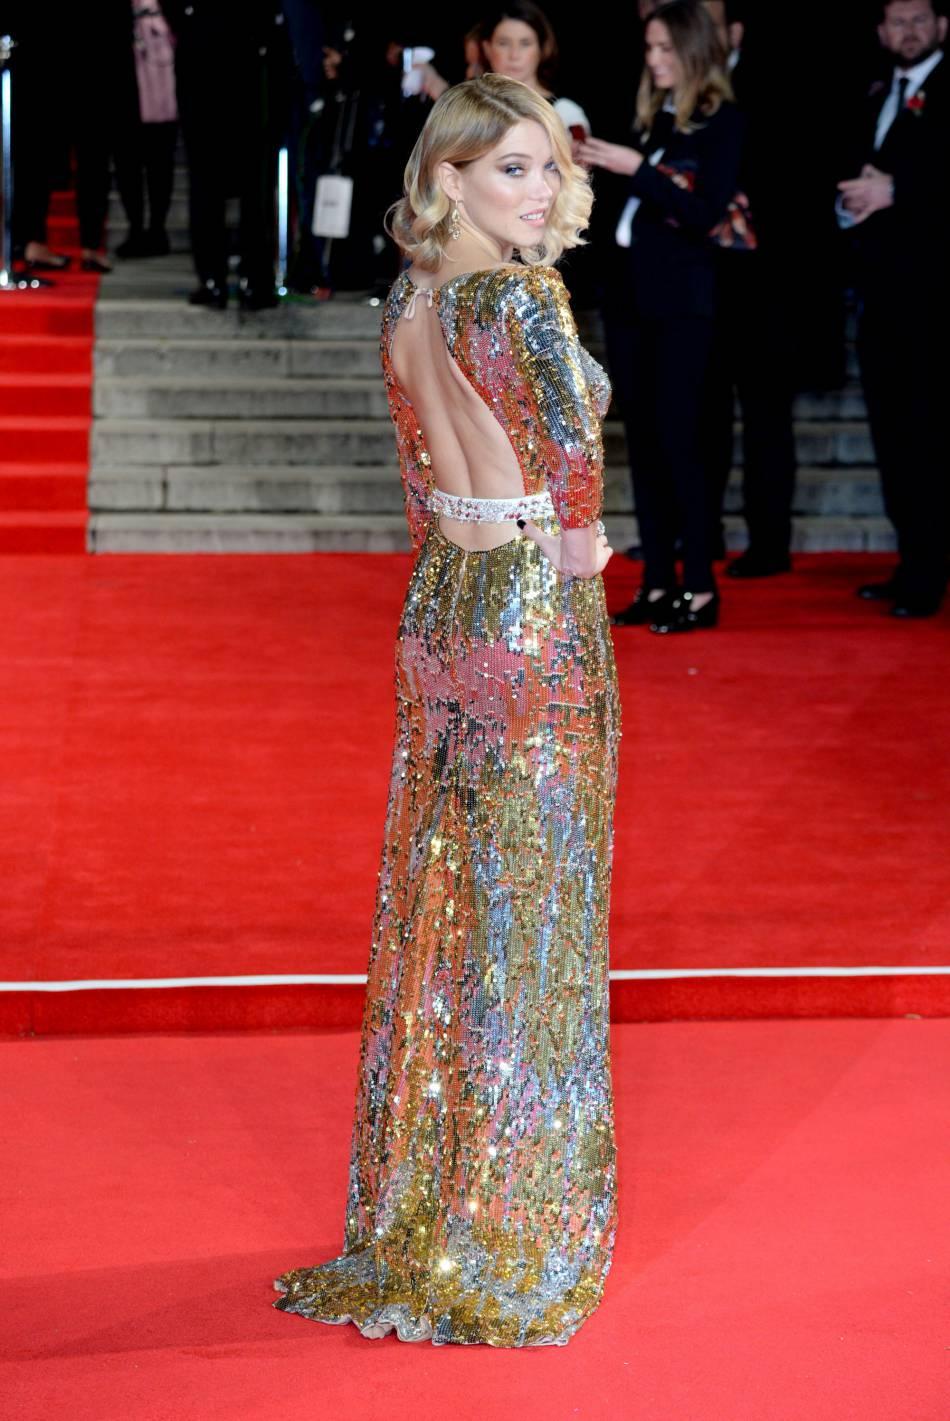 """Léa Seydoux en robe Prada lors de l'avant-première mondiale de """"Spectre"""", ce lundi 26 octobre 2015."""